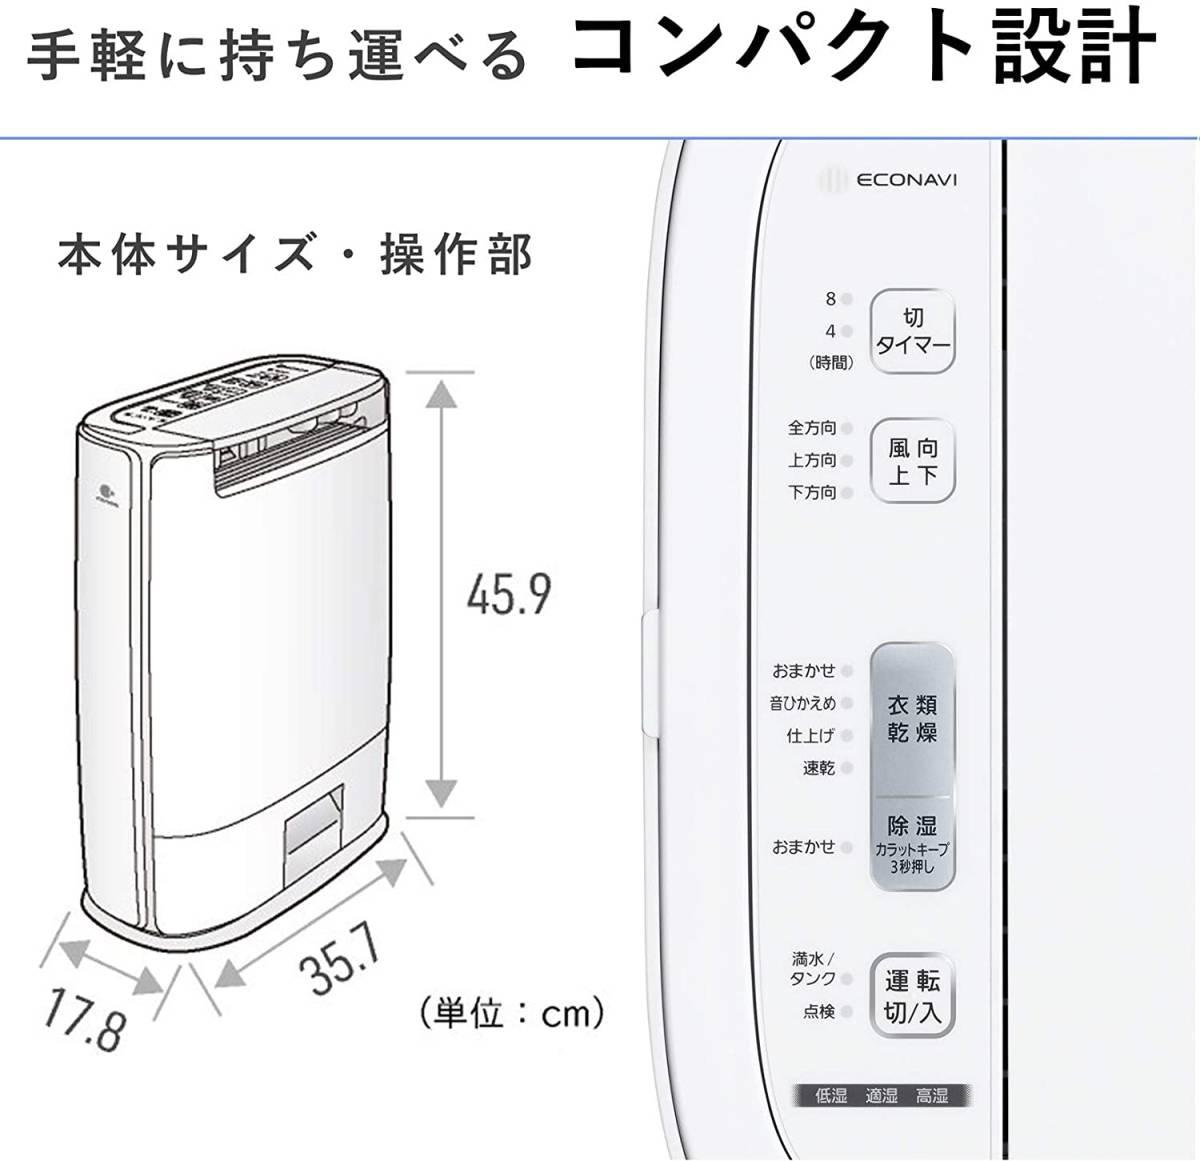 新品■パナソニック 衣類乾燥除湿機 デシカント方式 ~14畳 ピンク F-YZU60-P_画像6